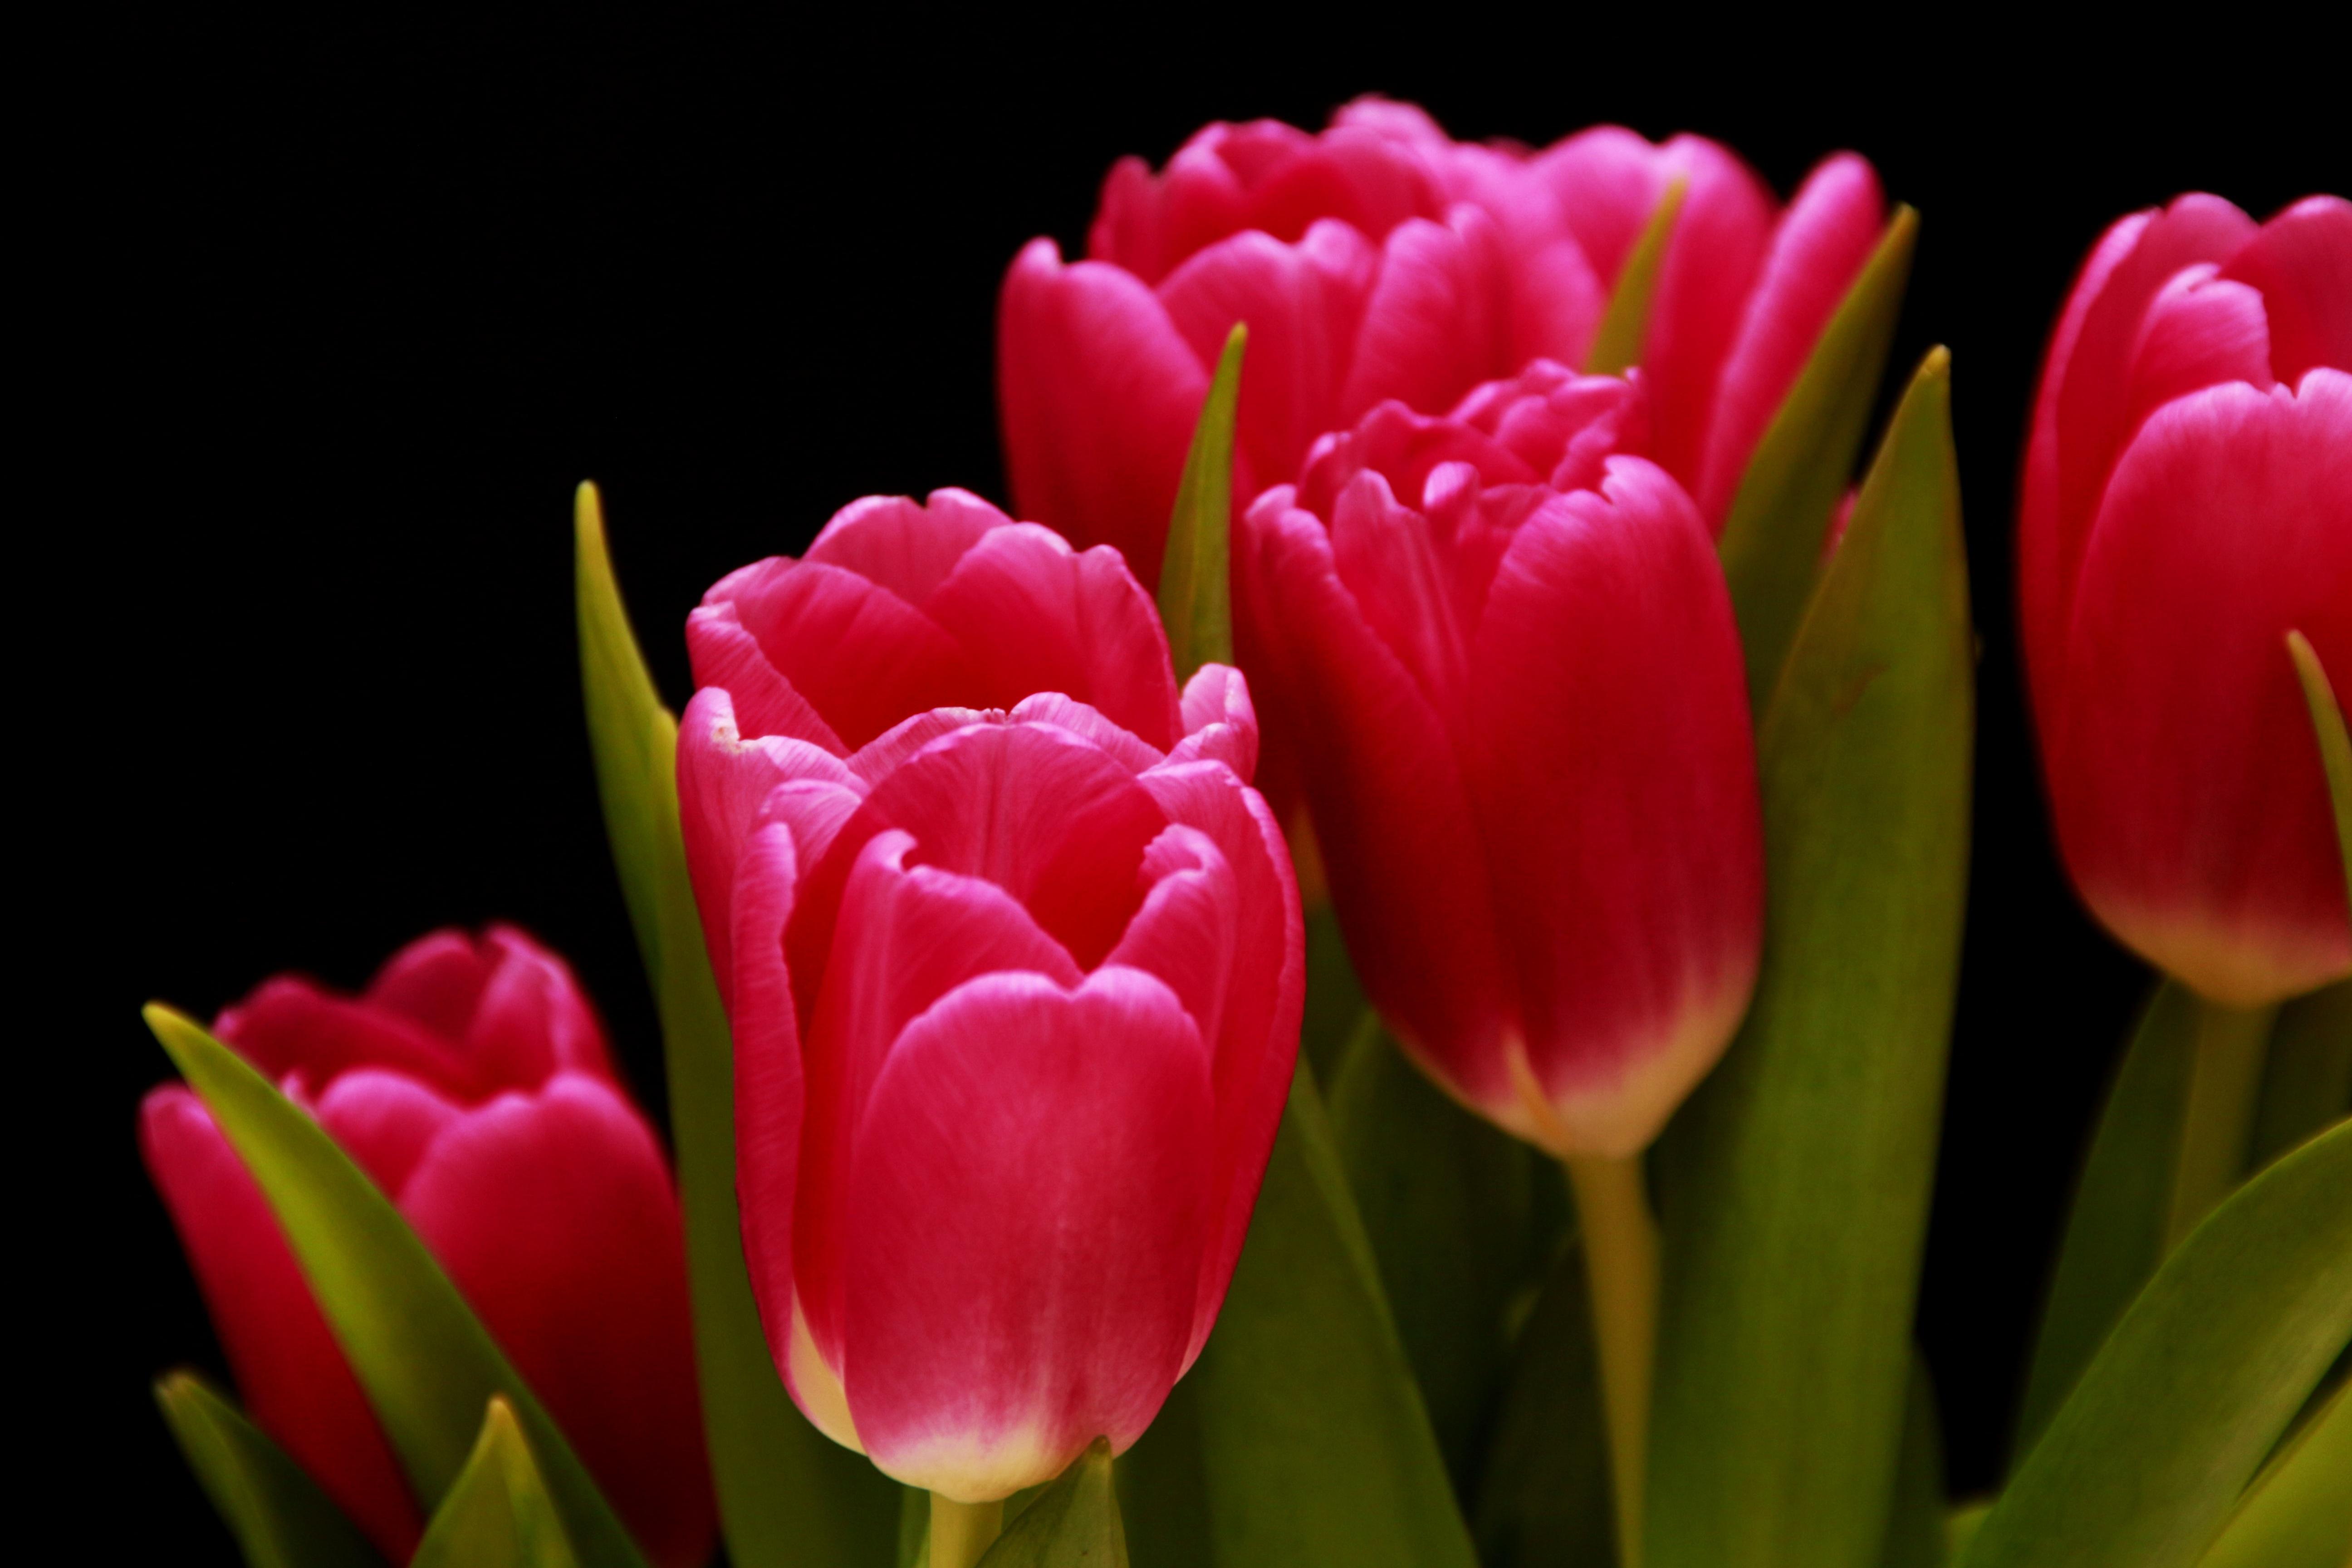 kostenlose foto natur blume bl tenblatt bl hen tulpe fr hling rot rosa schlie en. Black Bedroom Furniture Sets. Home Design Ideas